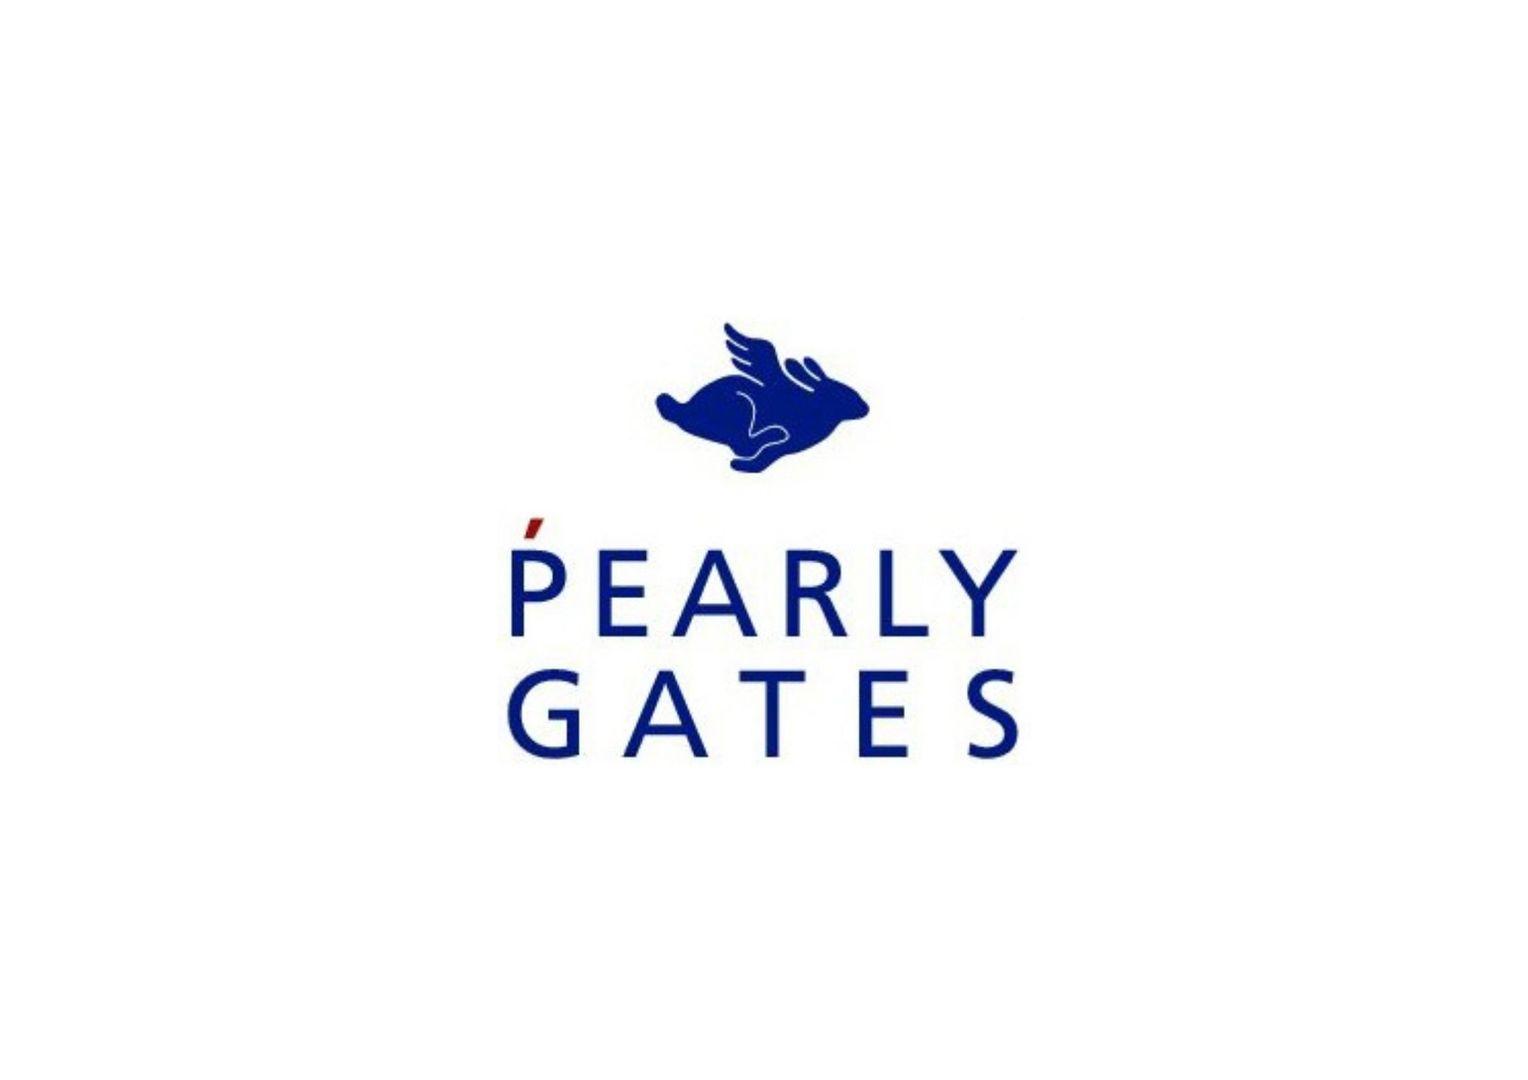 PEARLY GATES 御殿場プレミアムアウトレット店 / NCGP00813のカバー写真